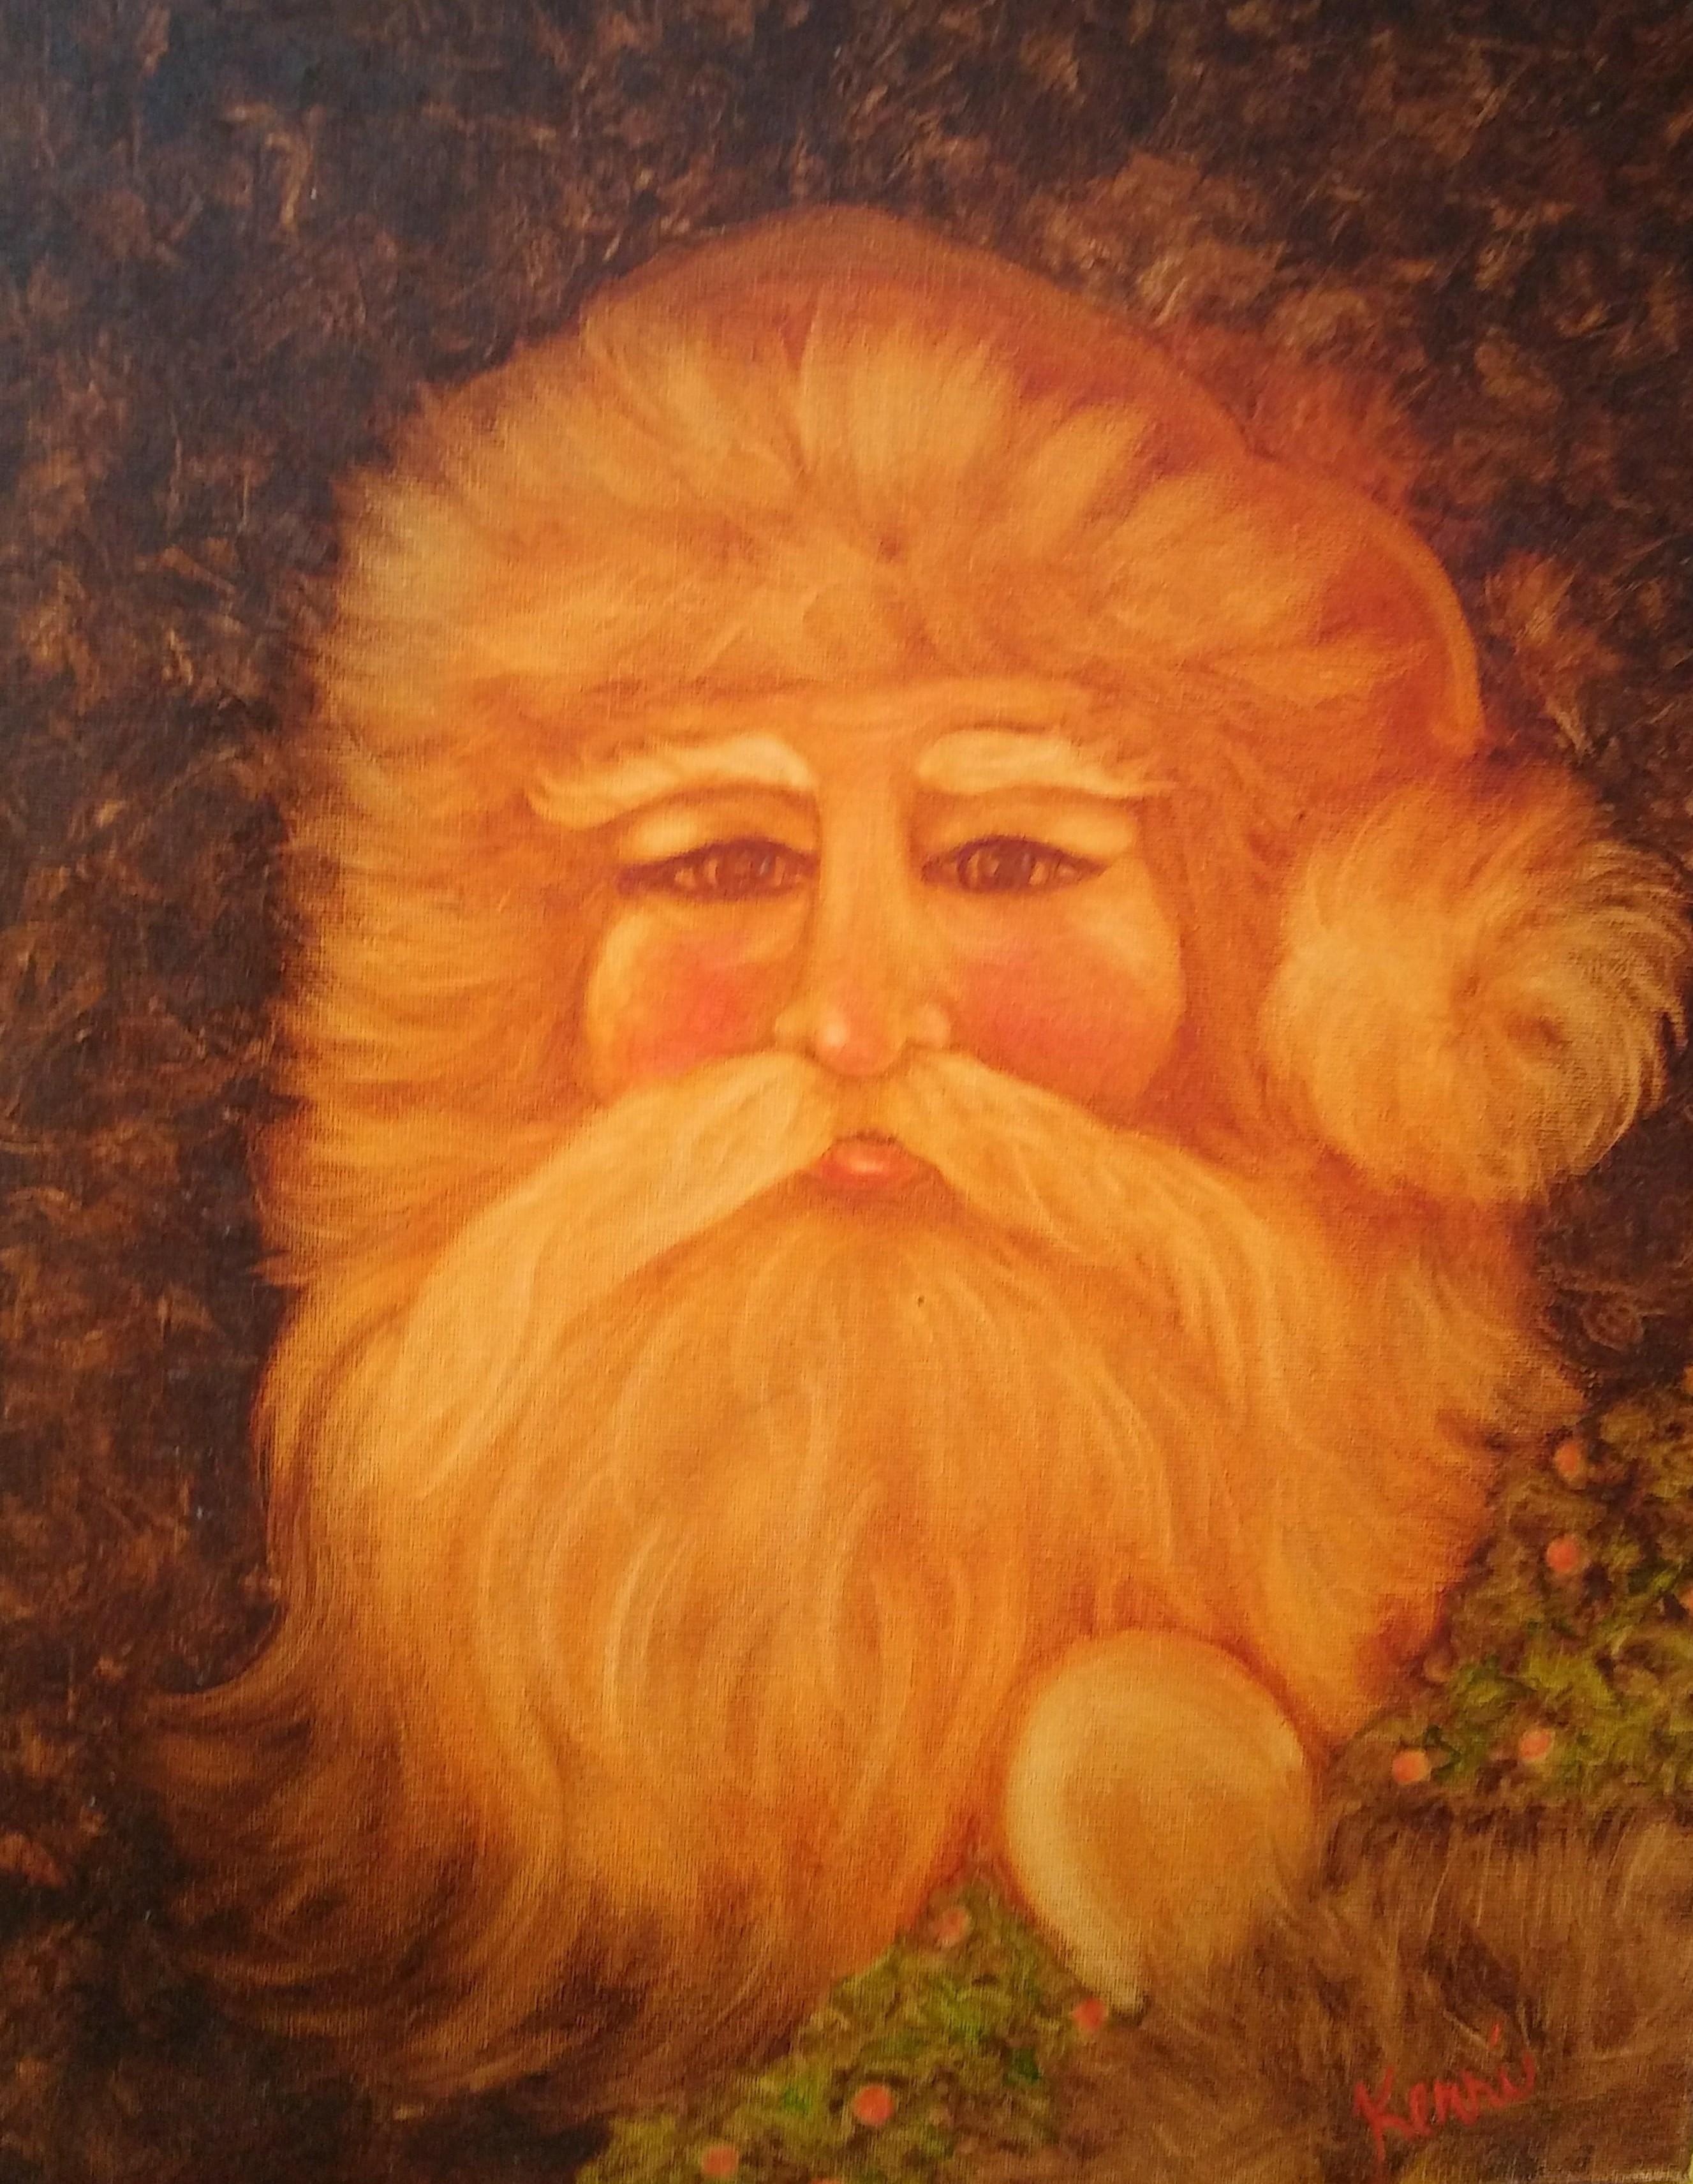 Santa Rub Out - Kerri